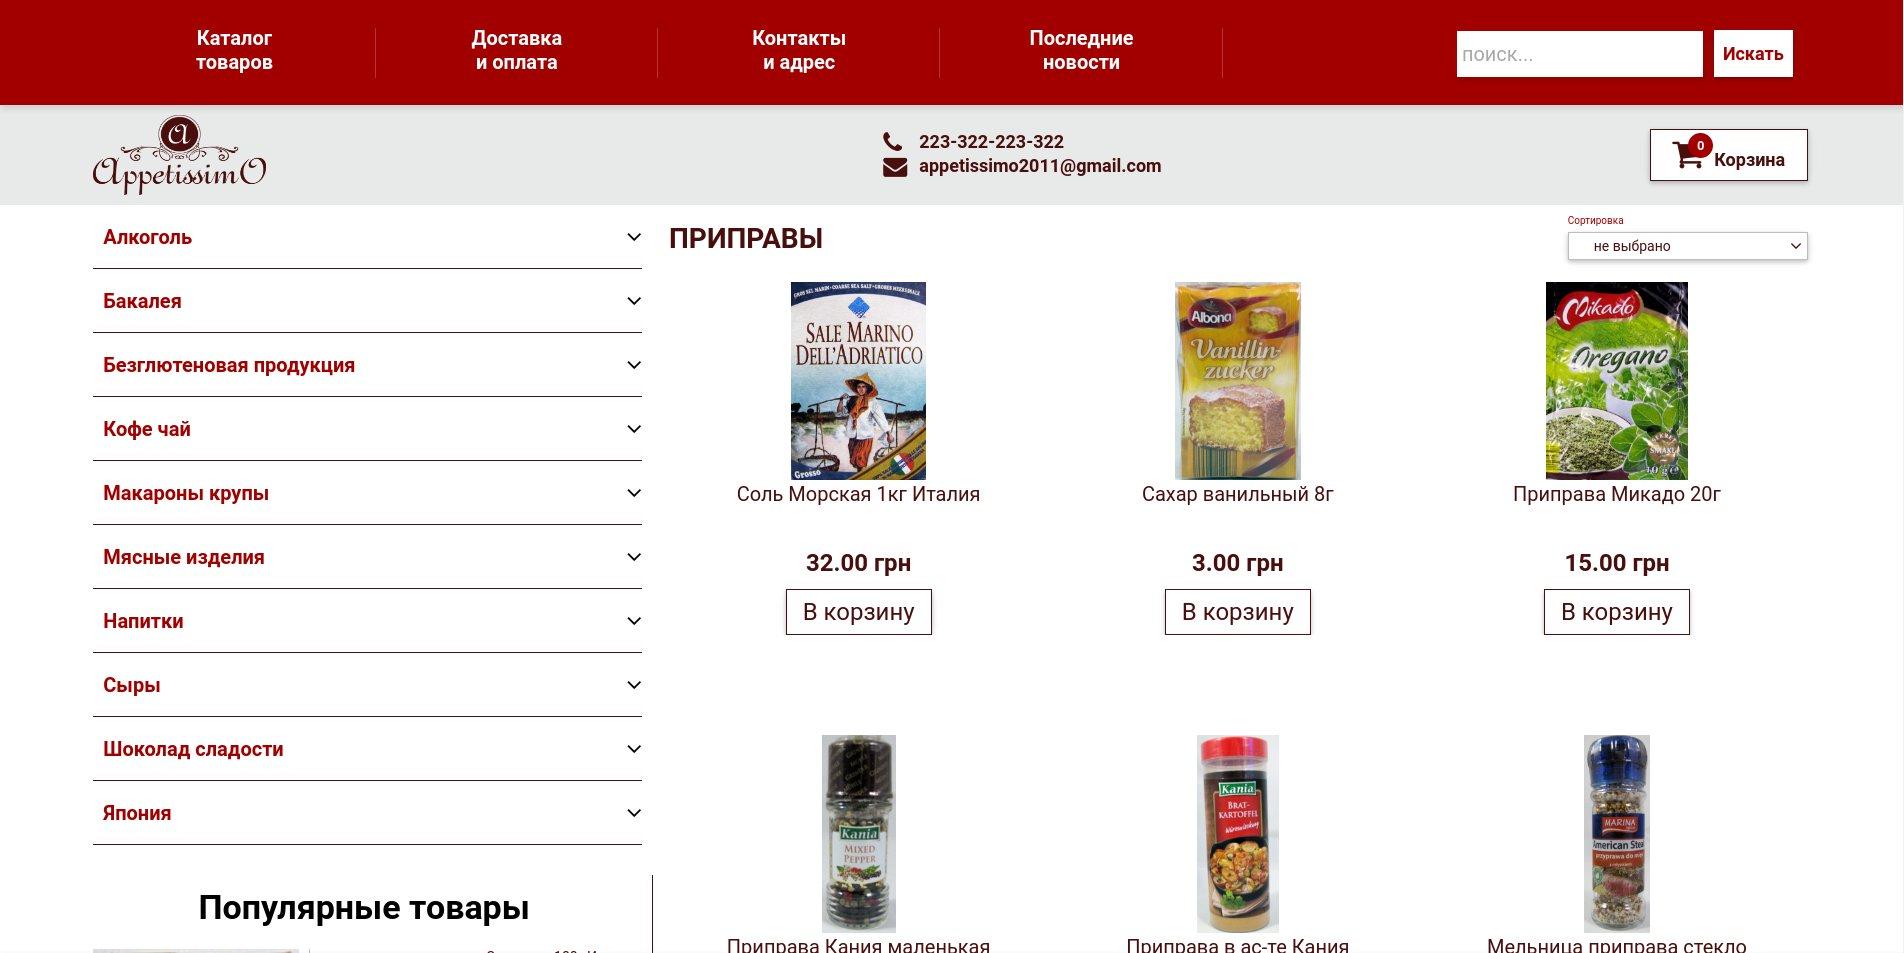 Создание интернет магазина. Херсон. Сайт магазина элитных продуктов Appetissimo. Портфолио веб студии Essotec.